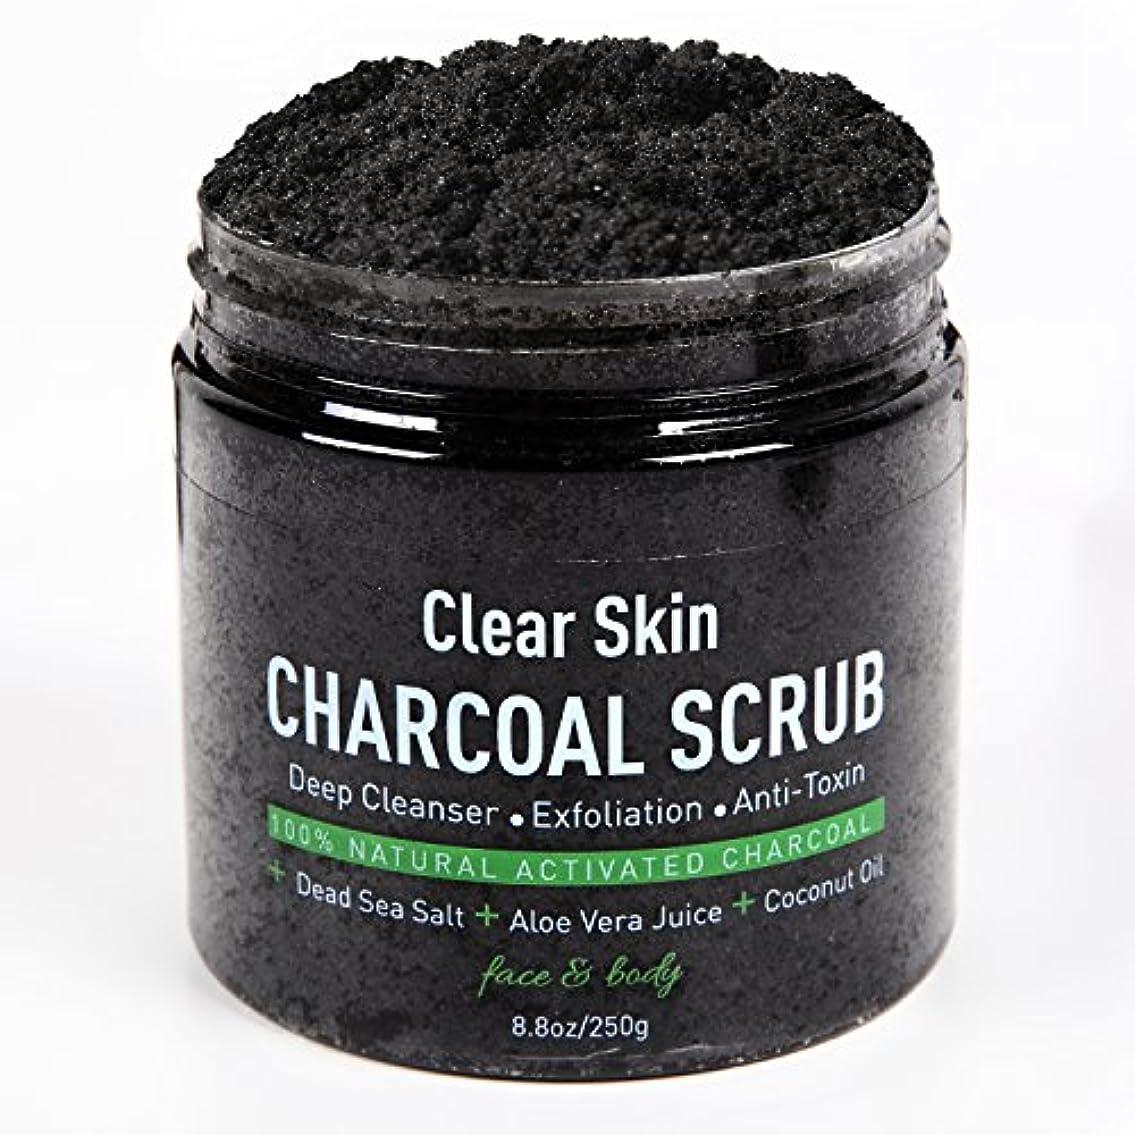 受け入れたぶどう安定油ぎったオイリー肌を改善するスクラブ洗顔 ボディスクラブ 最高級活性炭により古い角質,毛穴の汚れをかき出す美肌効果